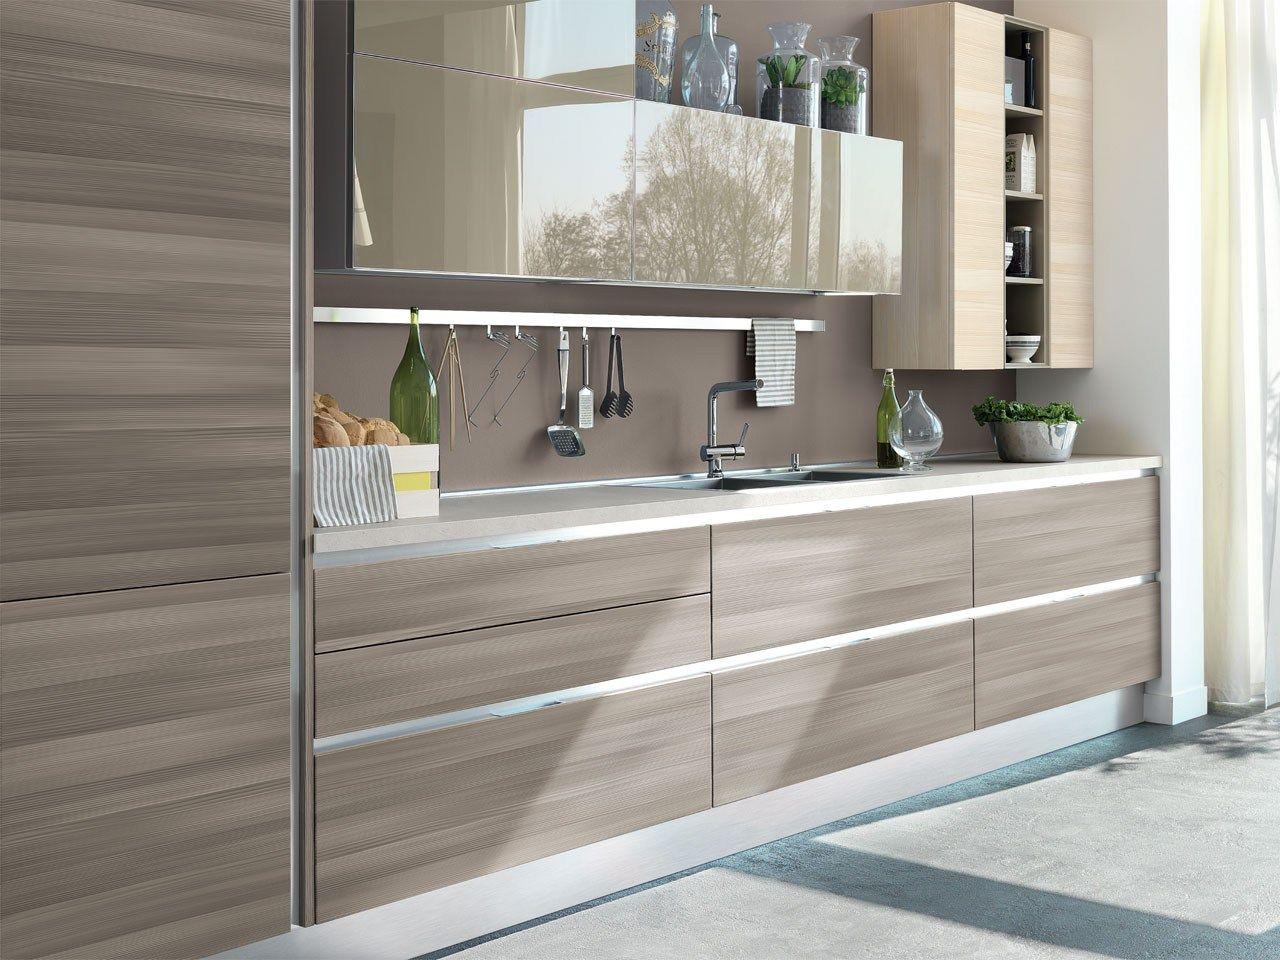 Essenza cucina componibile by cucine lube - Cucina senza maniglie ...